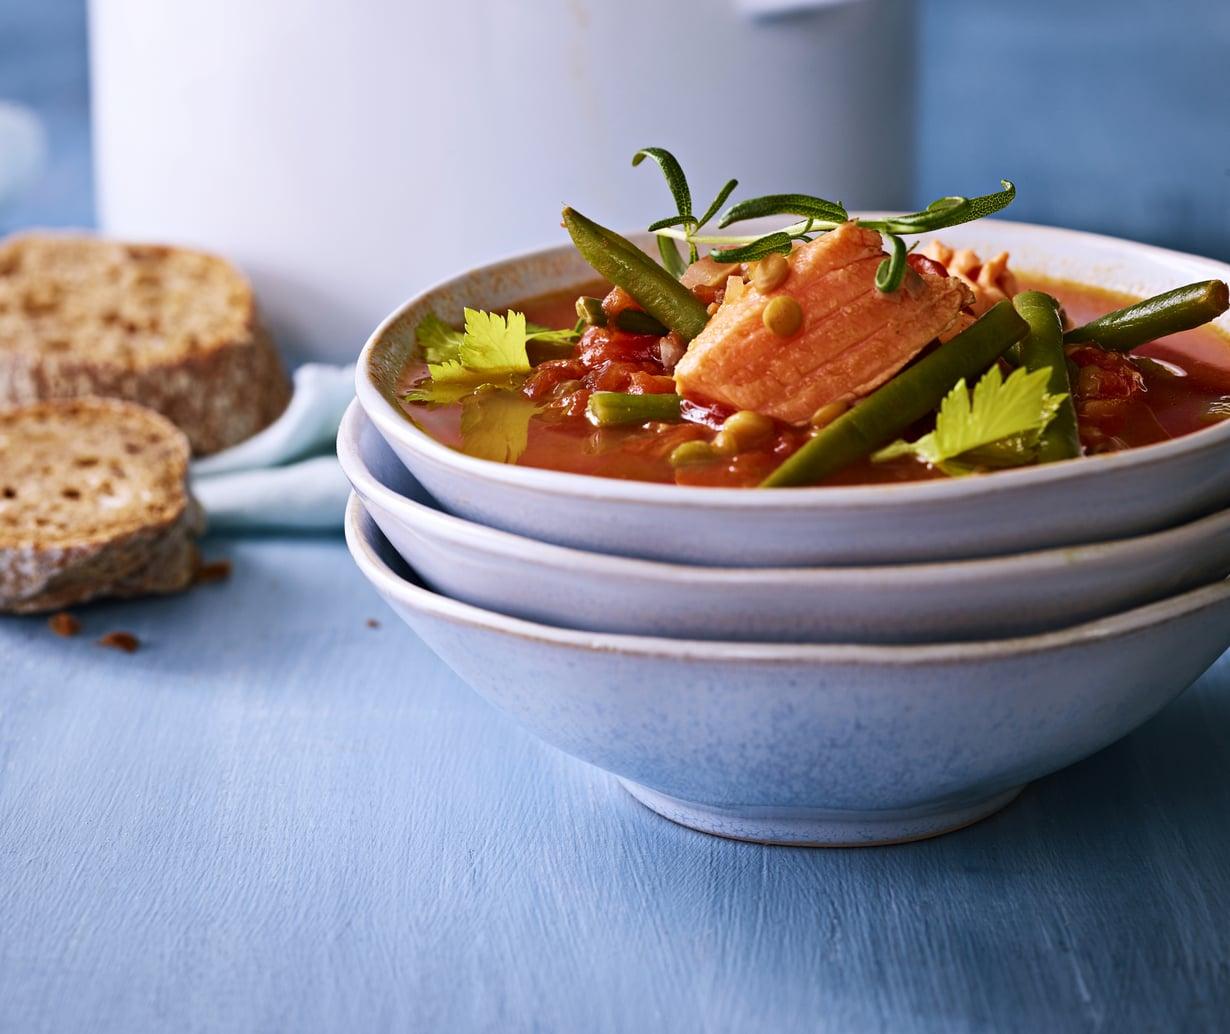 Tomaattipohjainen lohikeitto on kevyt ja maukas. Kuva: Mikko Hannula